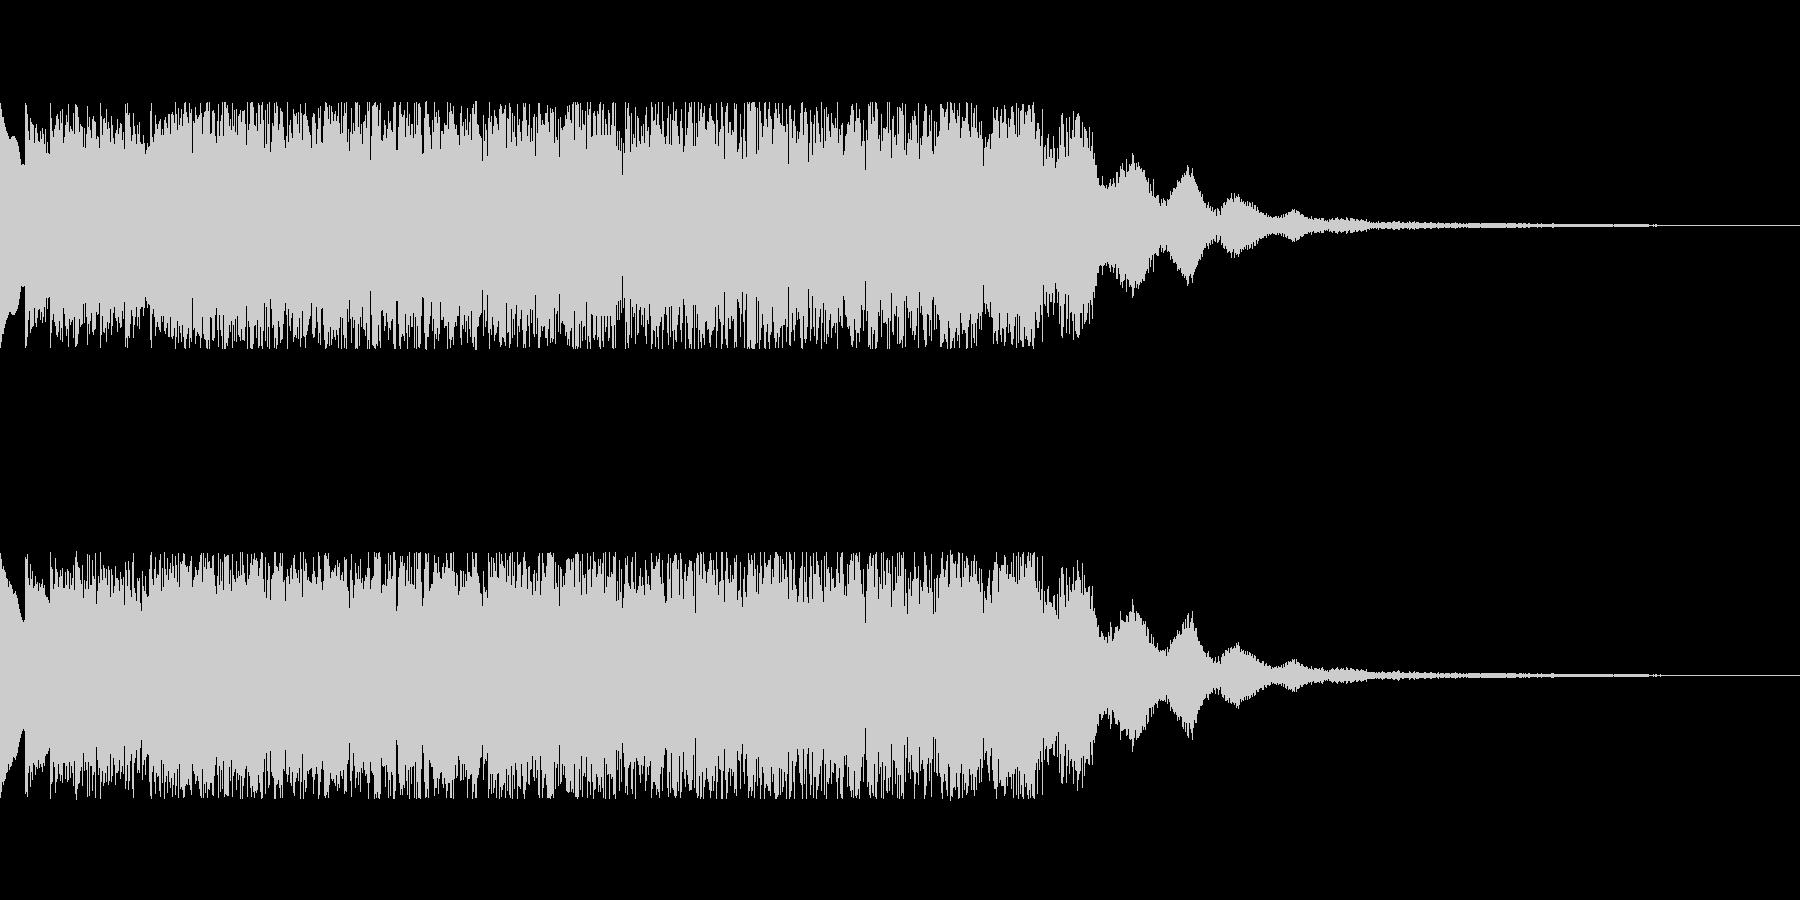 発車メロディ風2の未再生の波形